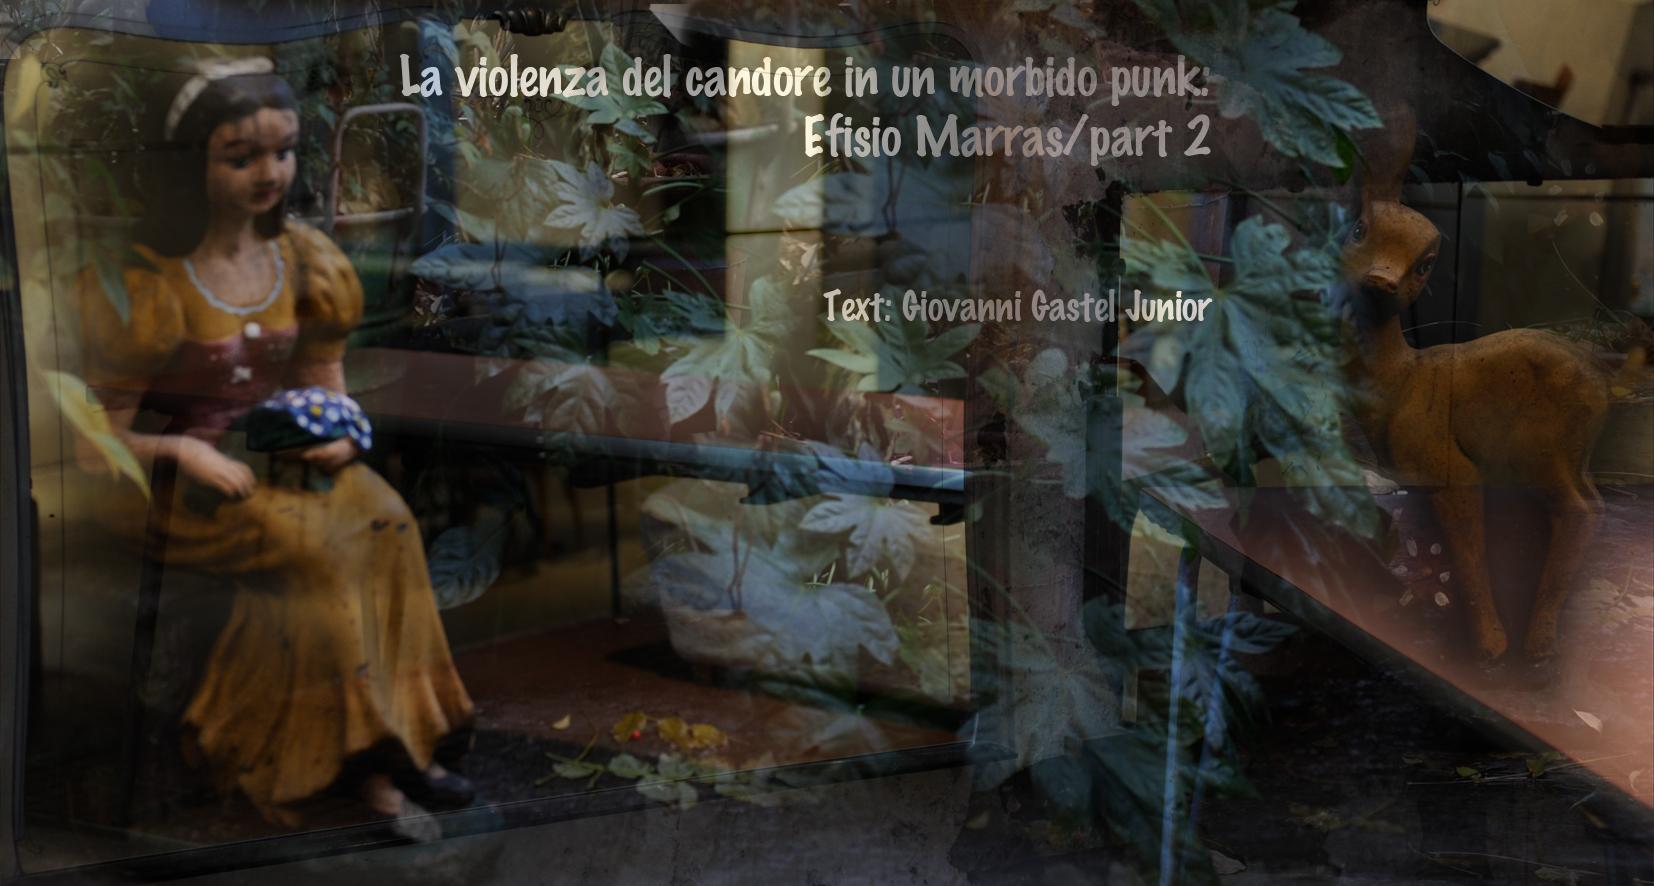 04B-EFISIO-MARRAS-Title2.jpg